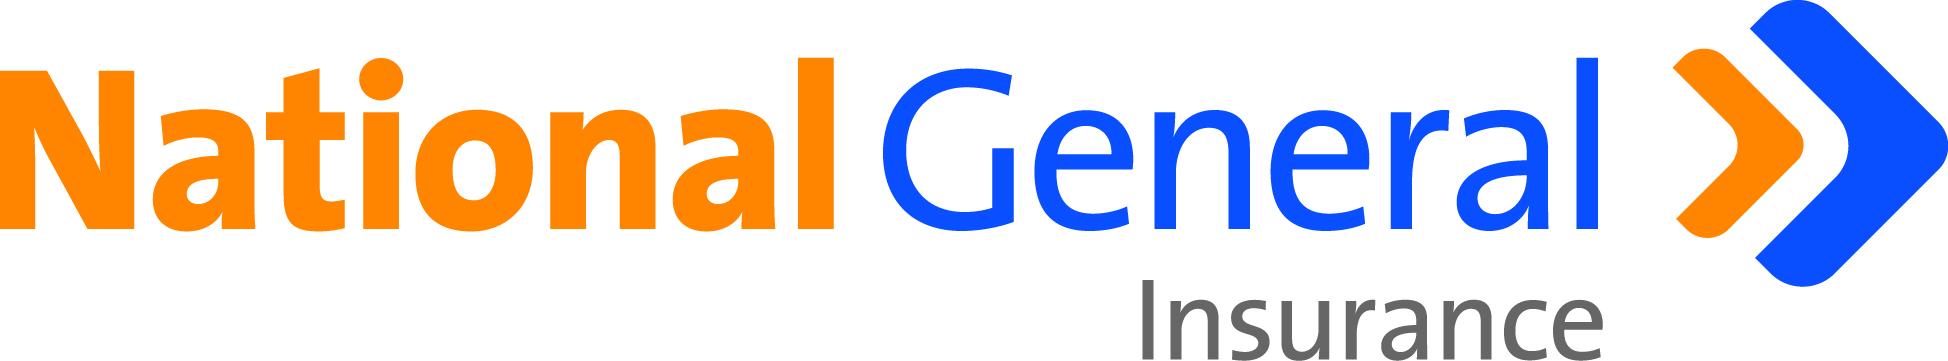 National General Logo Color.jpg